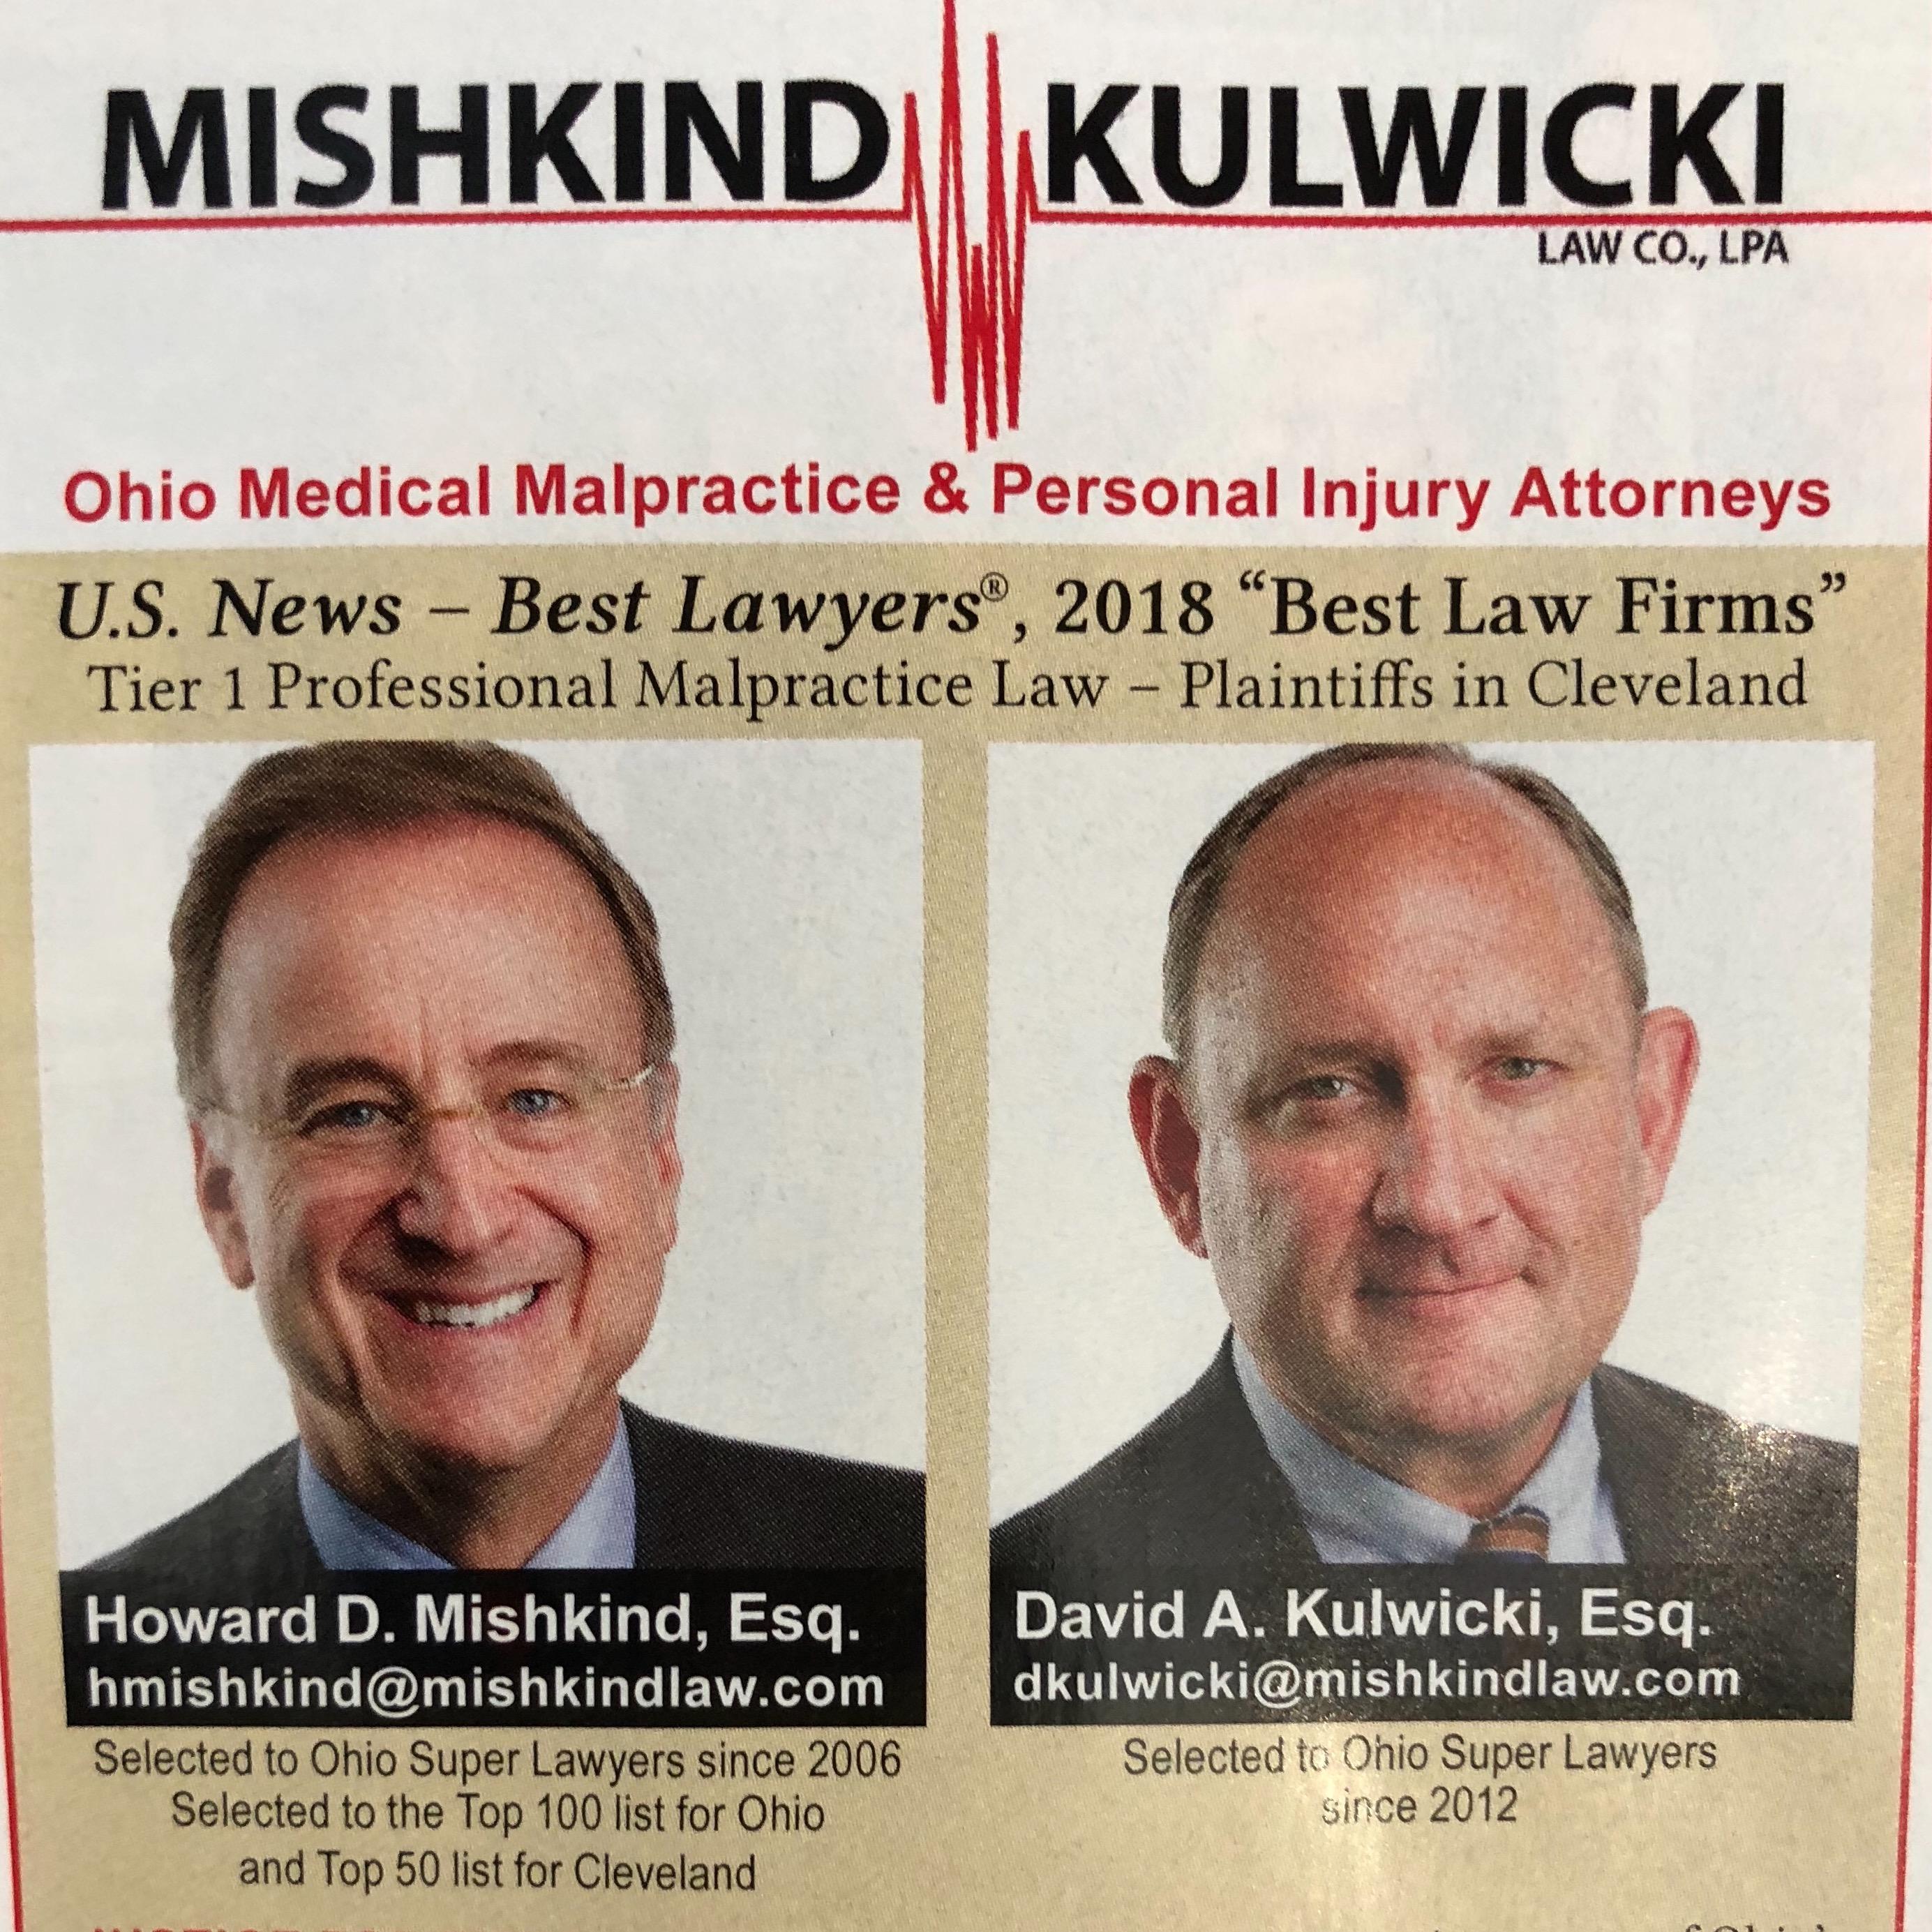 Mishkind  Kulwicki Law Co., L.P.A.